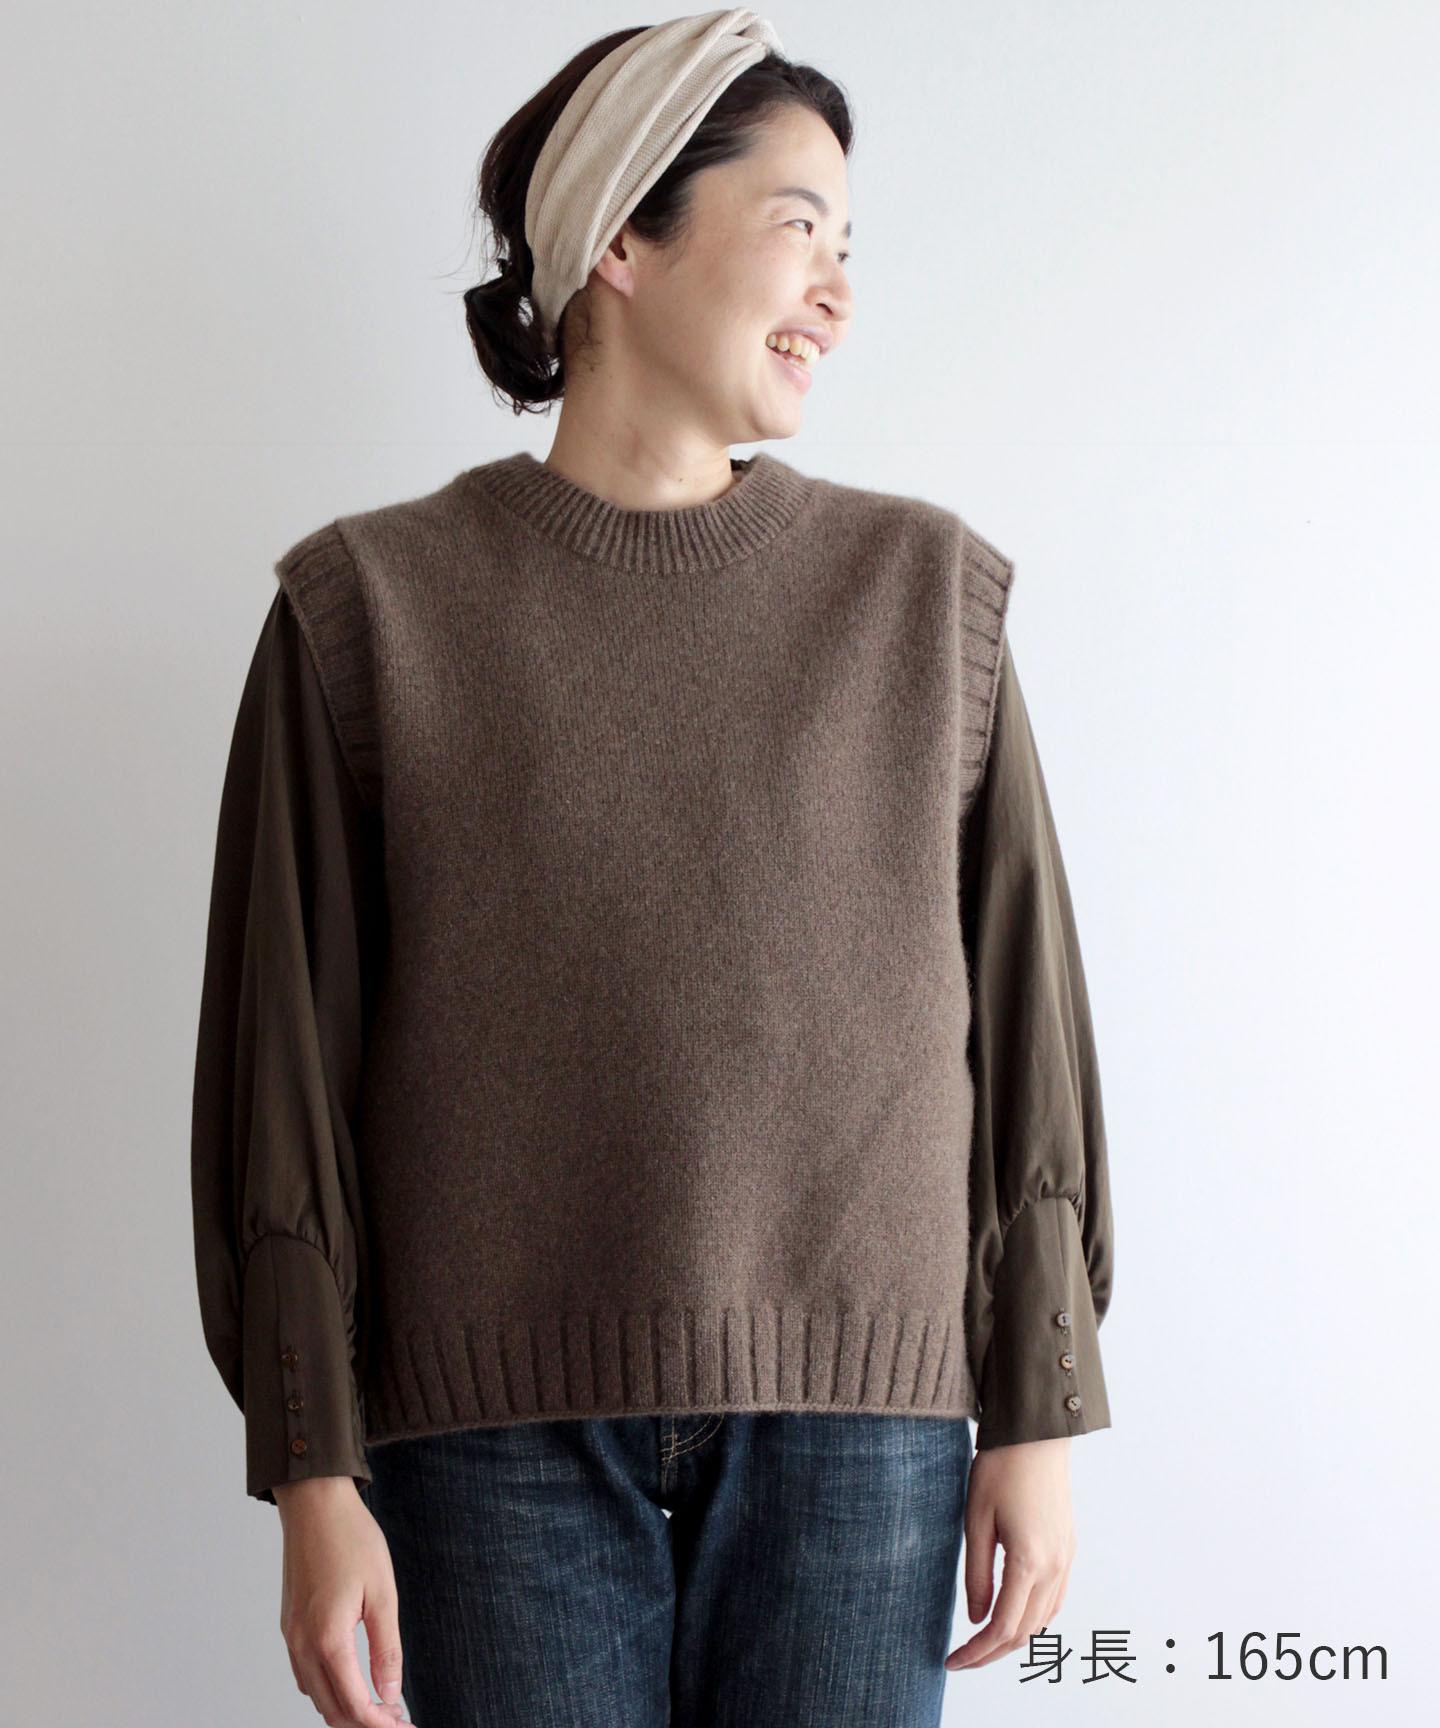 【予約販売】手編み機で編んだヤク糸(NO.21)のベスト (YAA-925)